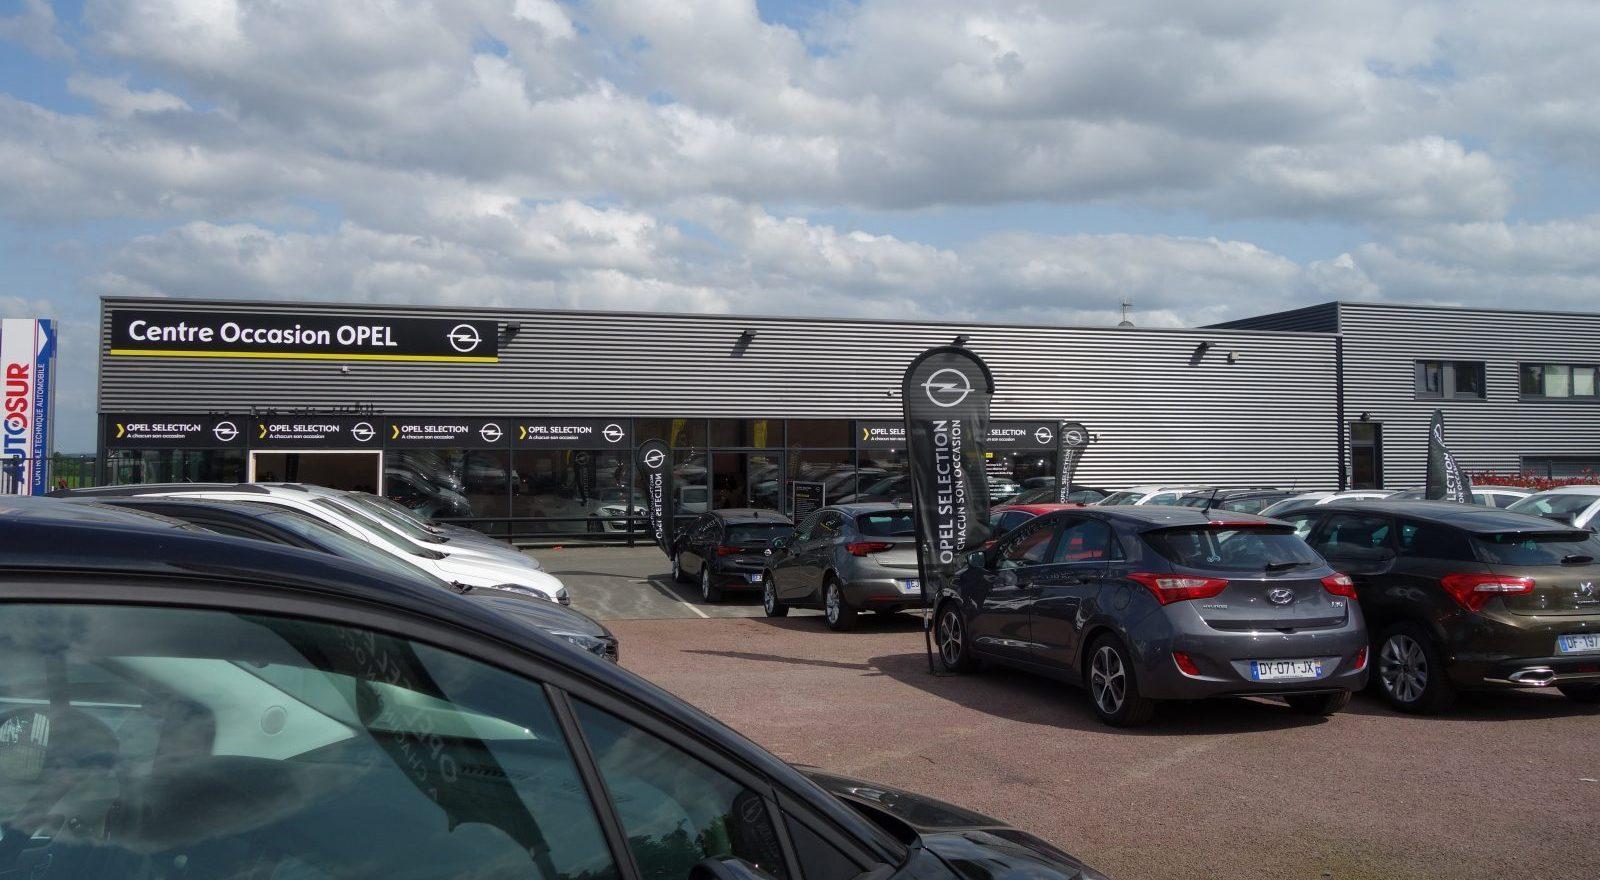 Centre Occasion Opel Caen